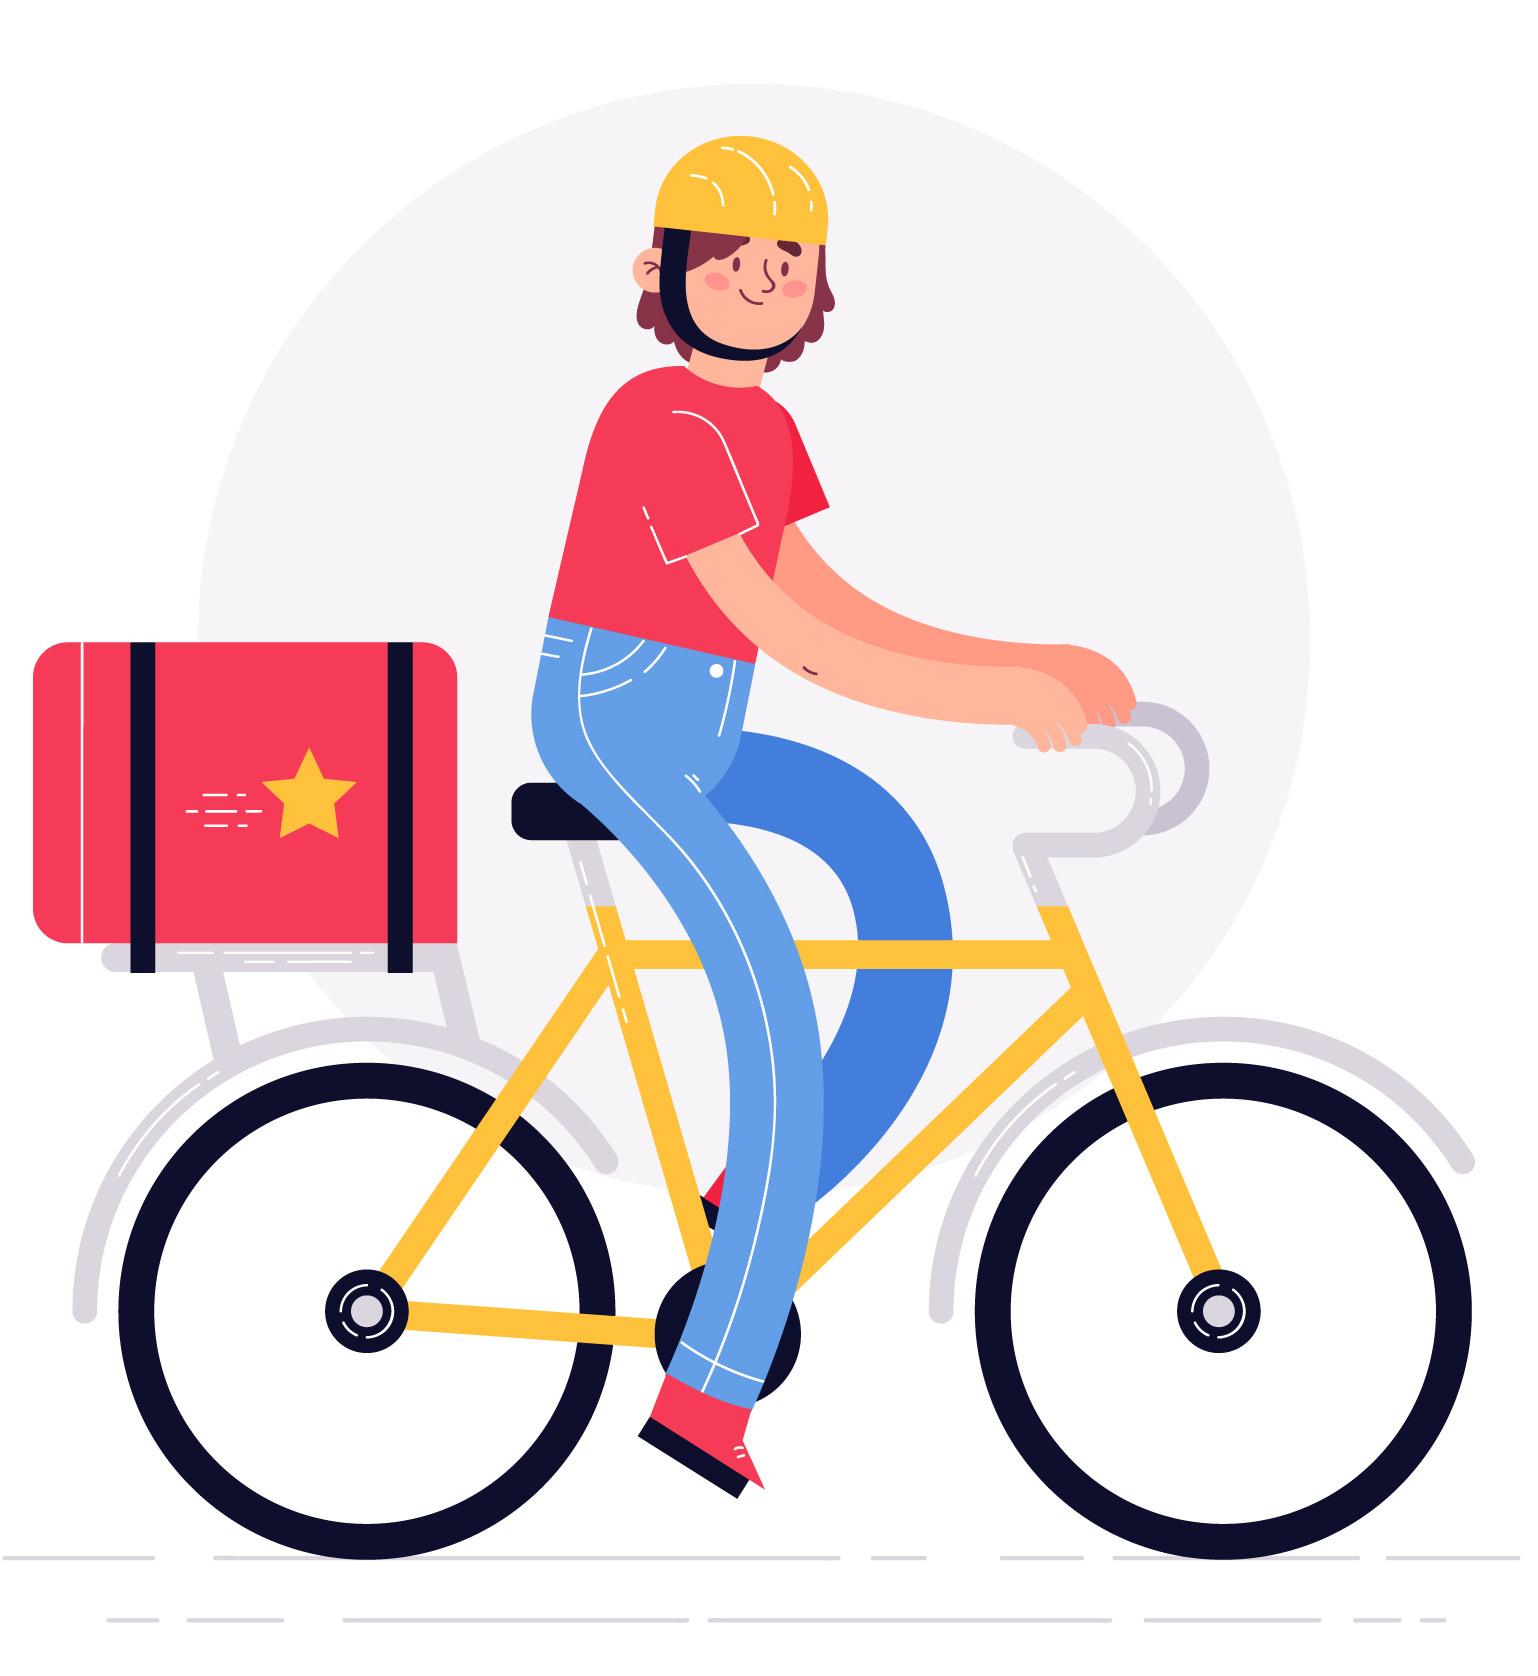 robafattamman consegna gratis ecologica in bici per Salerno e Pontecagnano